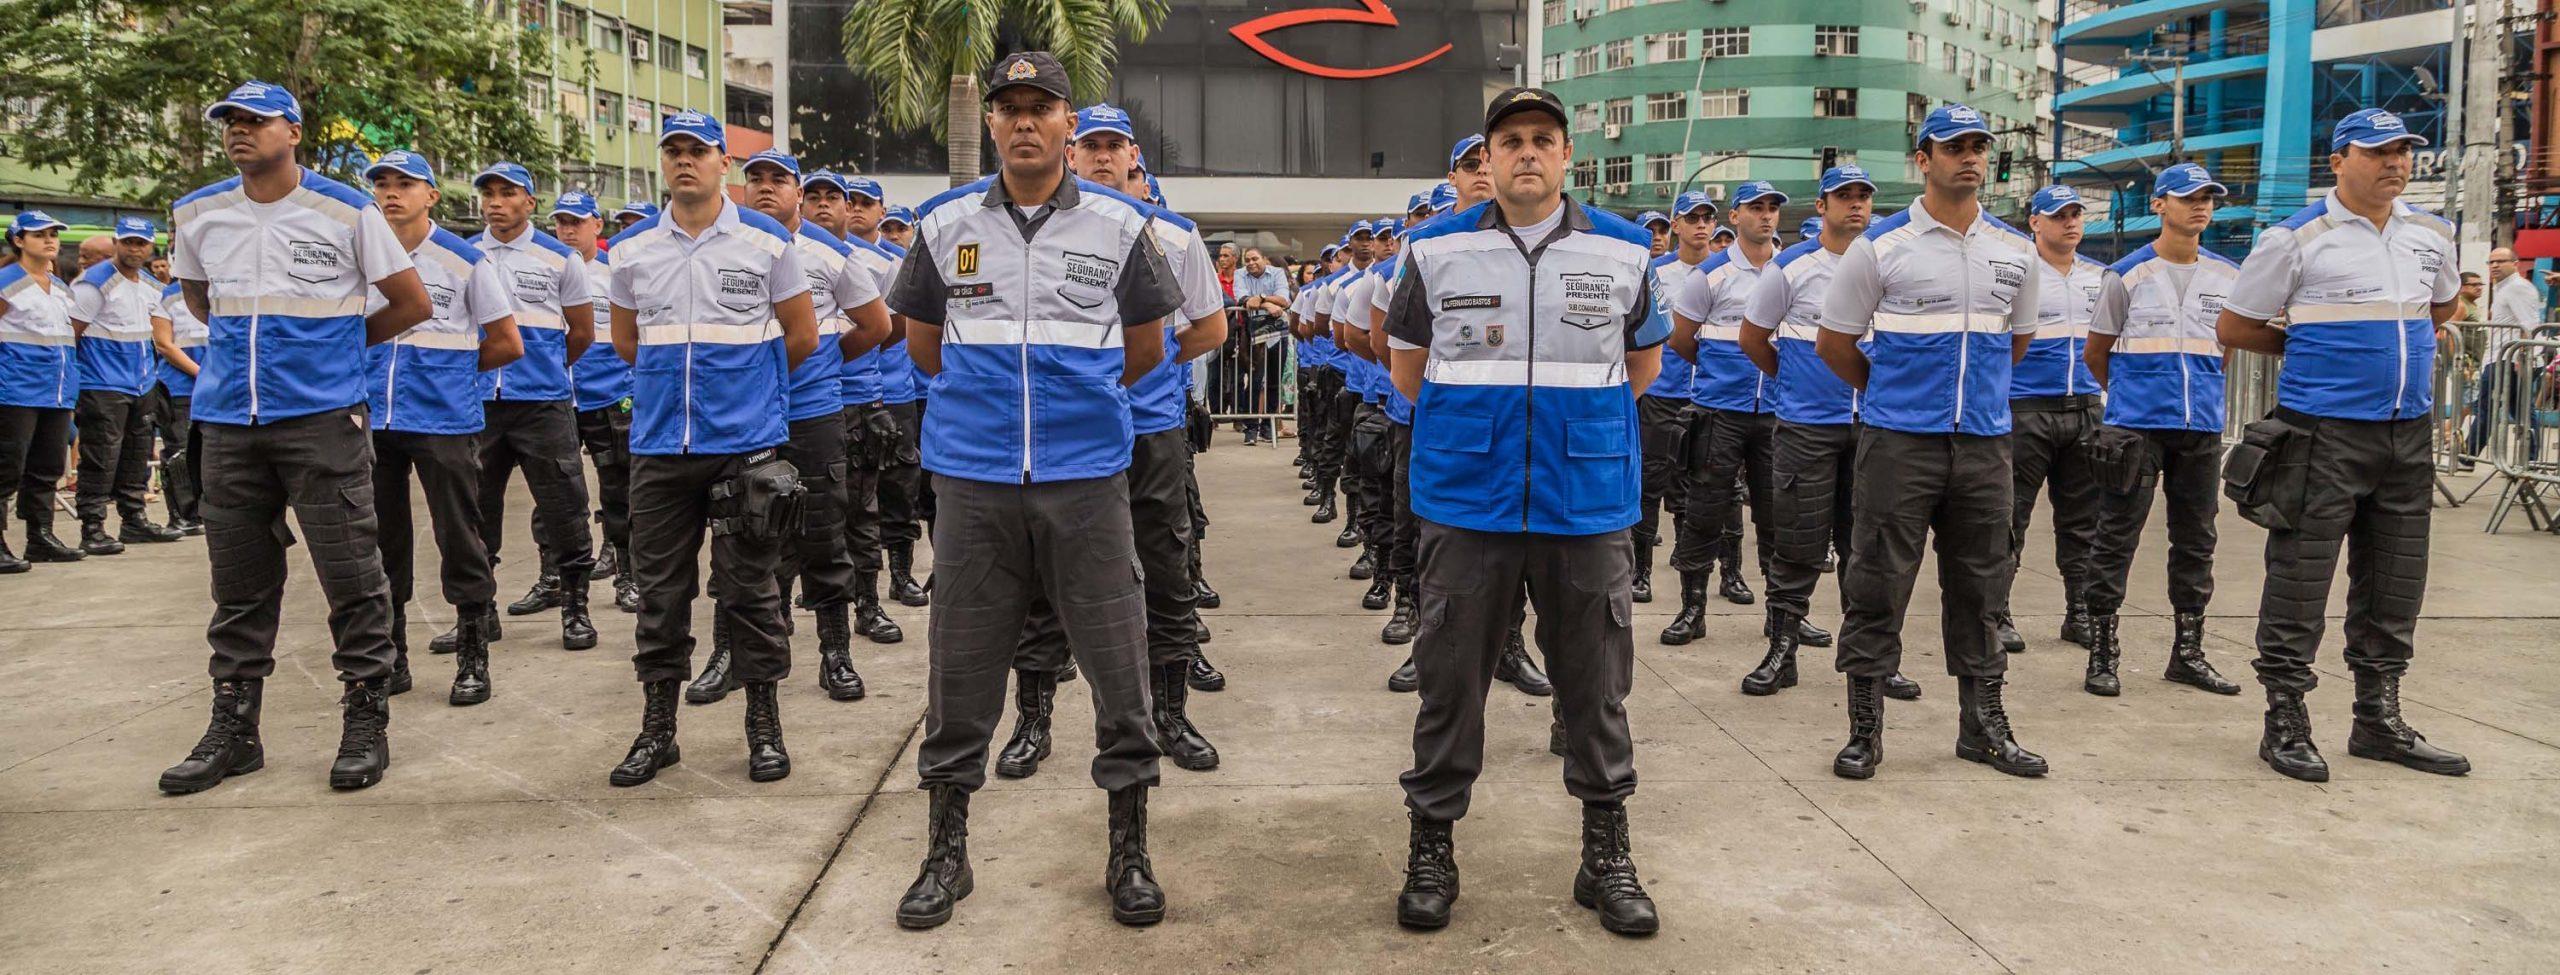 Estado implanta Segurança Presente em Caxias